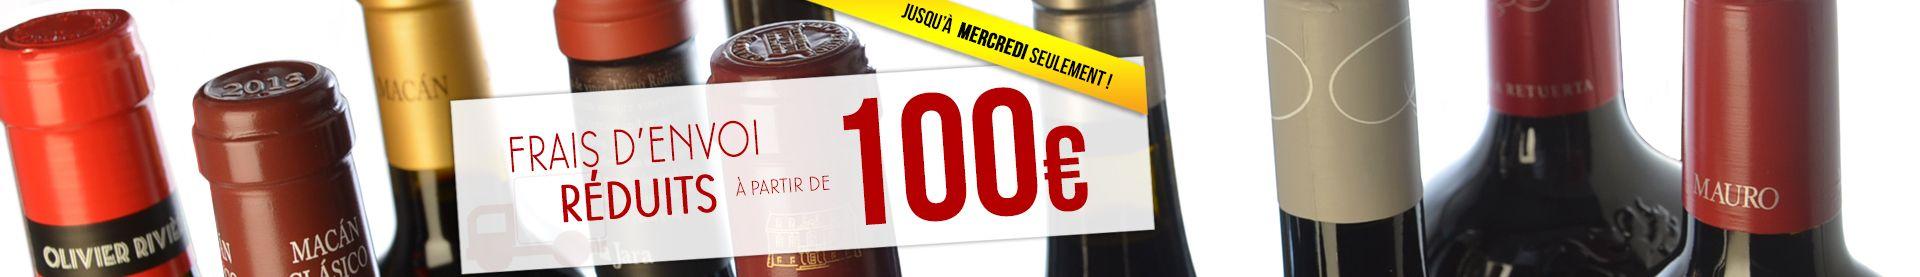 FRAIS D'ENVOI RÉDUITS 100